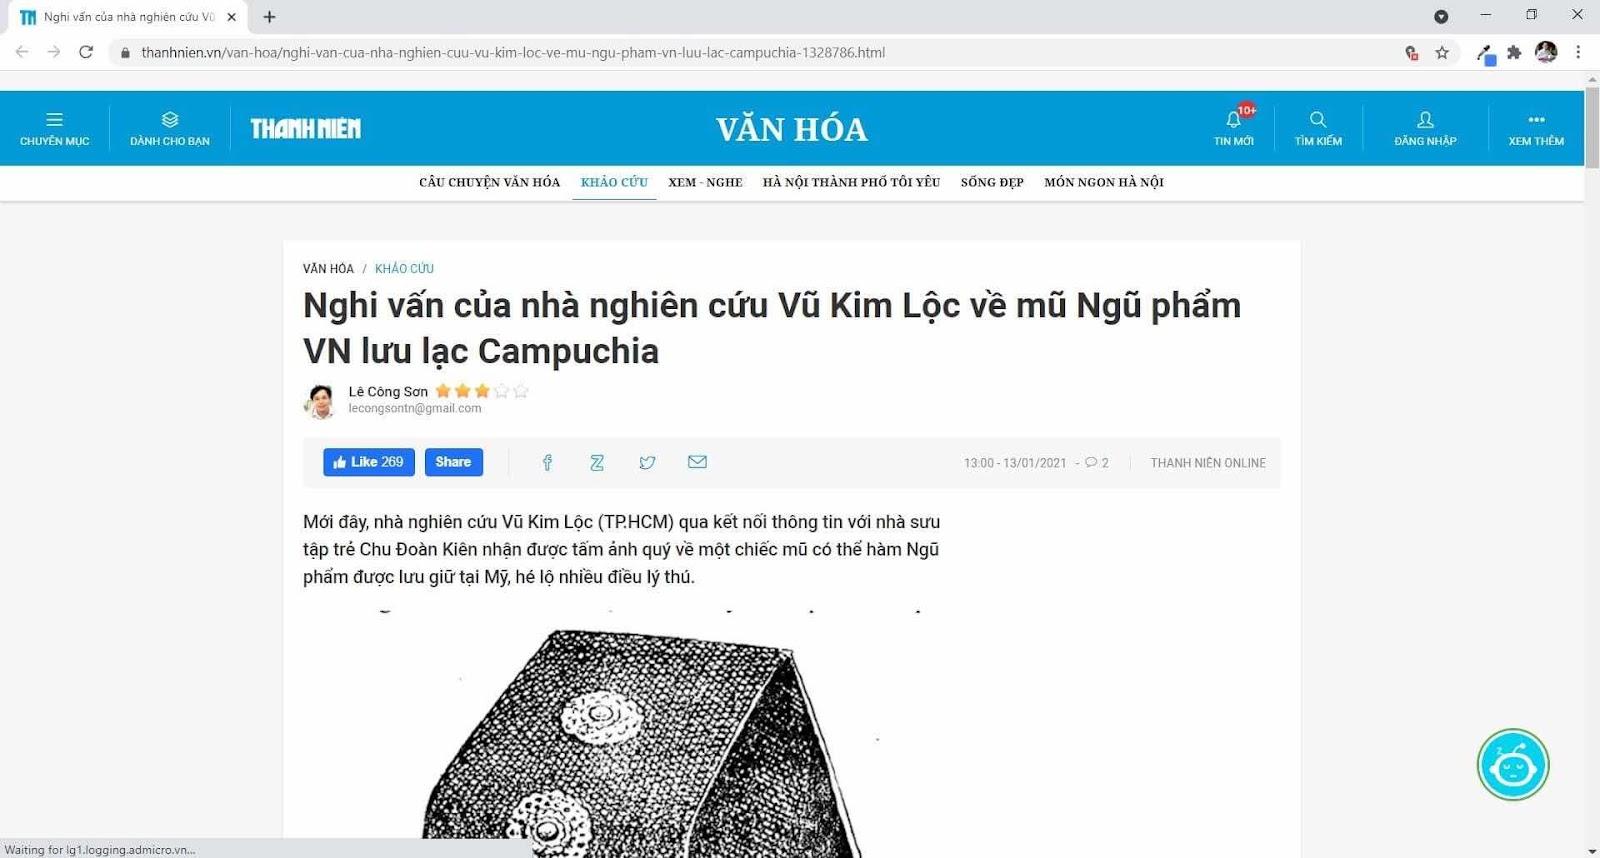 Về có đúng mũ Đông Pha ở viện bảo tàng bên Mỹ là mũ thường triều của quan Ngũ Phẩm thời Nguyễn không ?